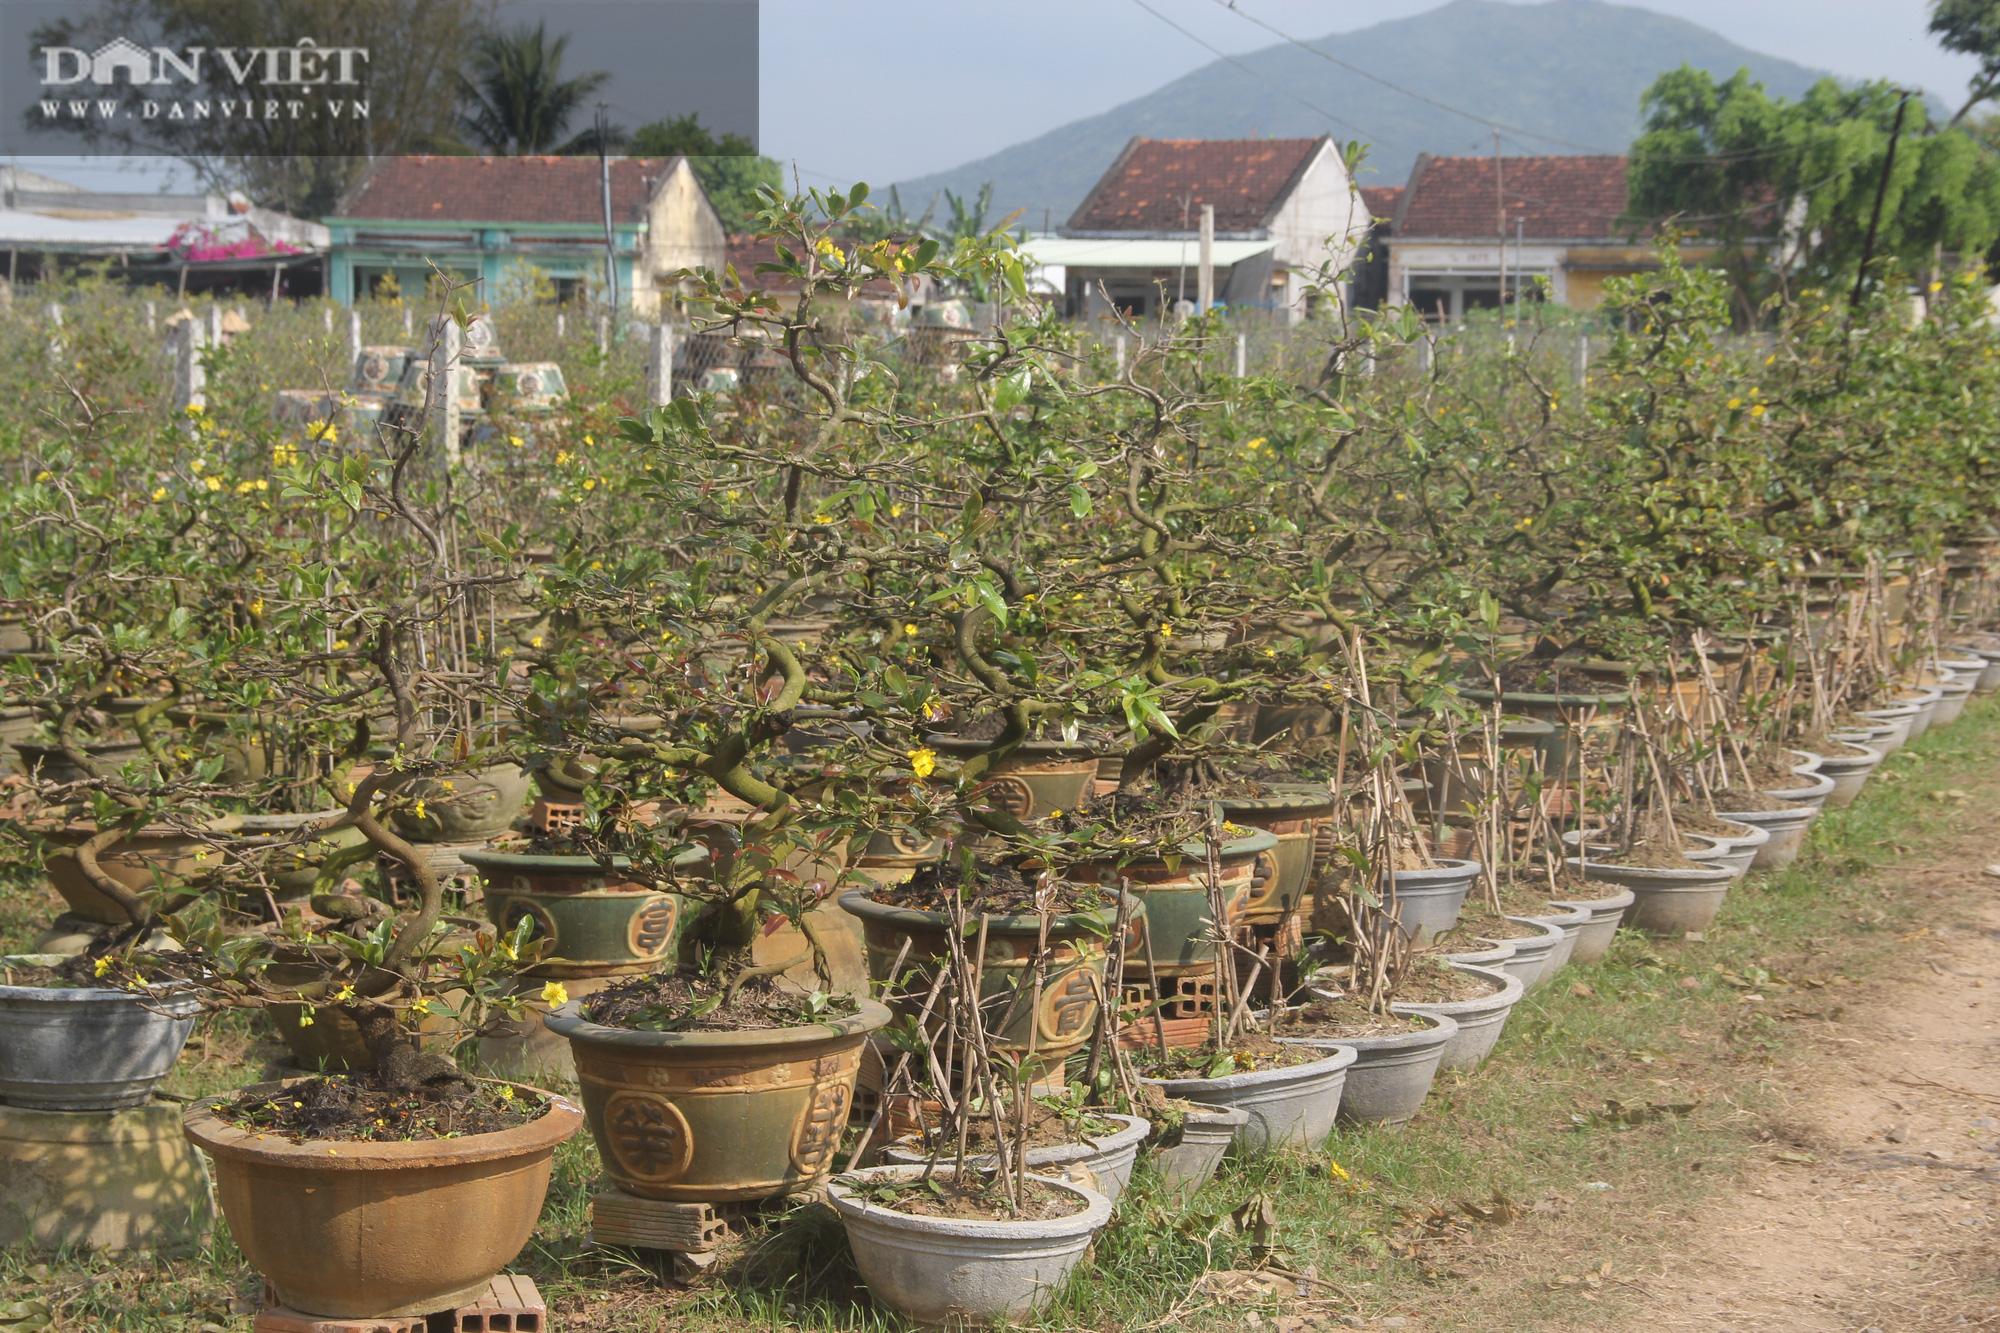 """Nhà vườn """"thủ phủ"""" mai vàng miền Trung tất bật chăm sóc cho cây hái ra tiền - Ảnh 1."""